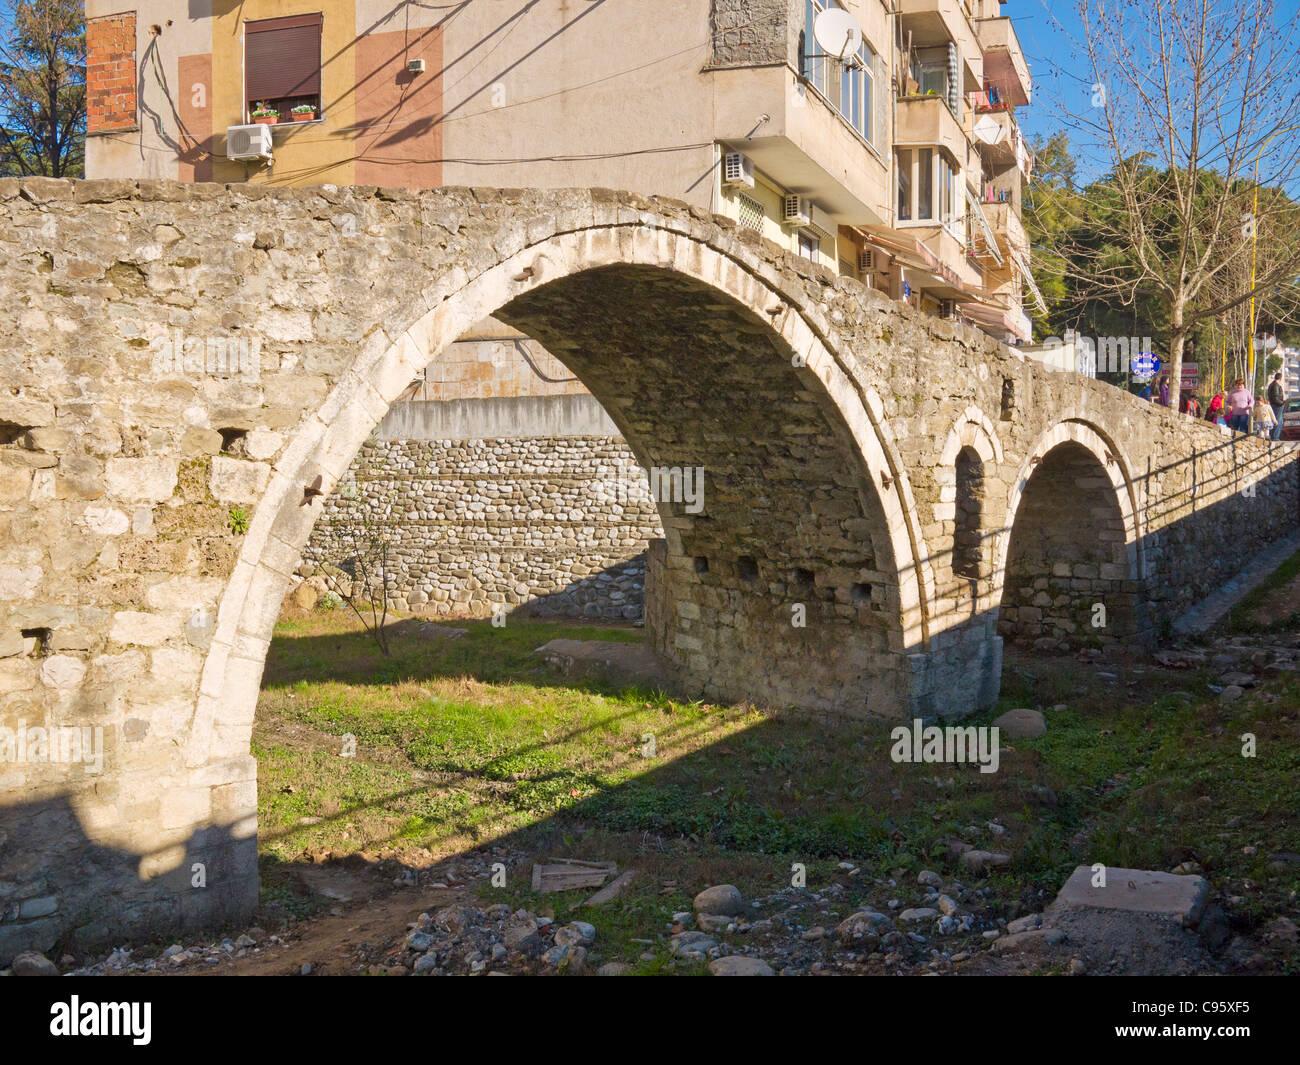 Ottoman period stone arch Tanner's Bridge, Tirana, Albania. - Stock Image